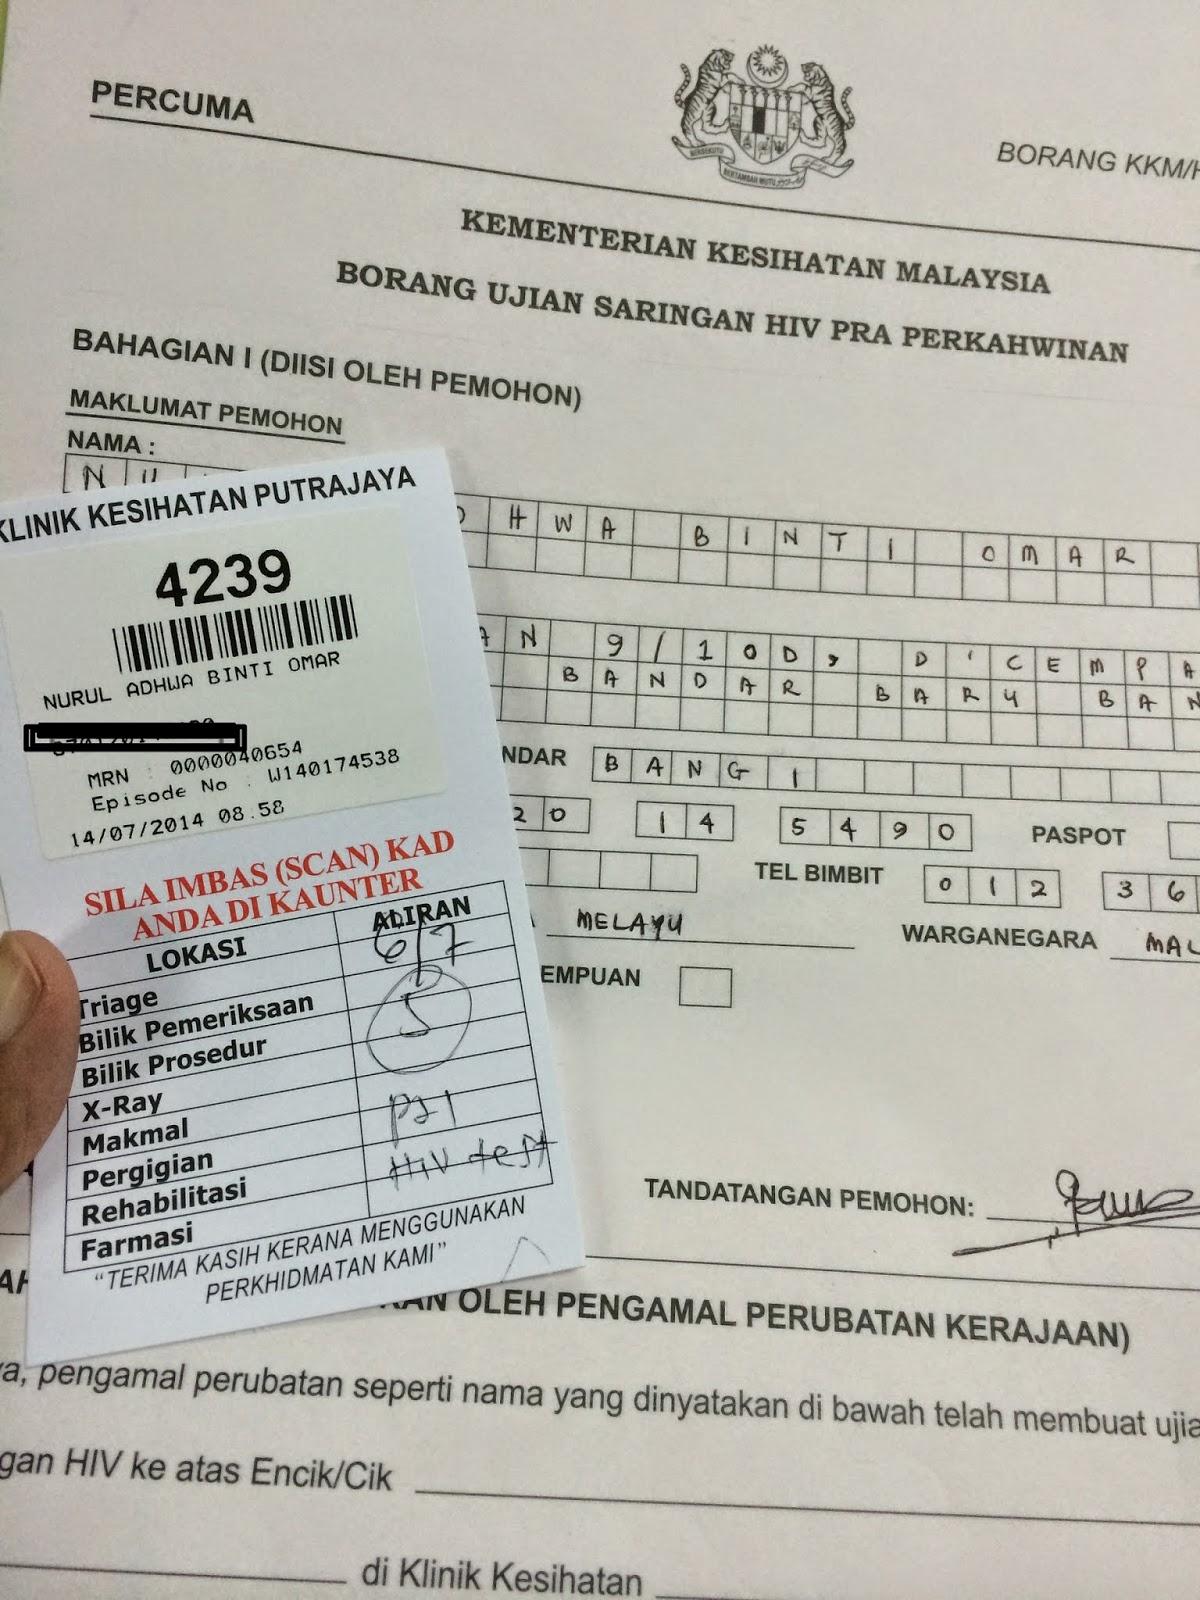 Ujian Saringan Hiv Untuk Pra Perkahwinan Di Selangor Www Cuitan